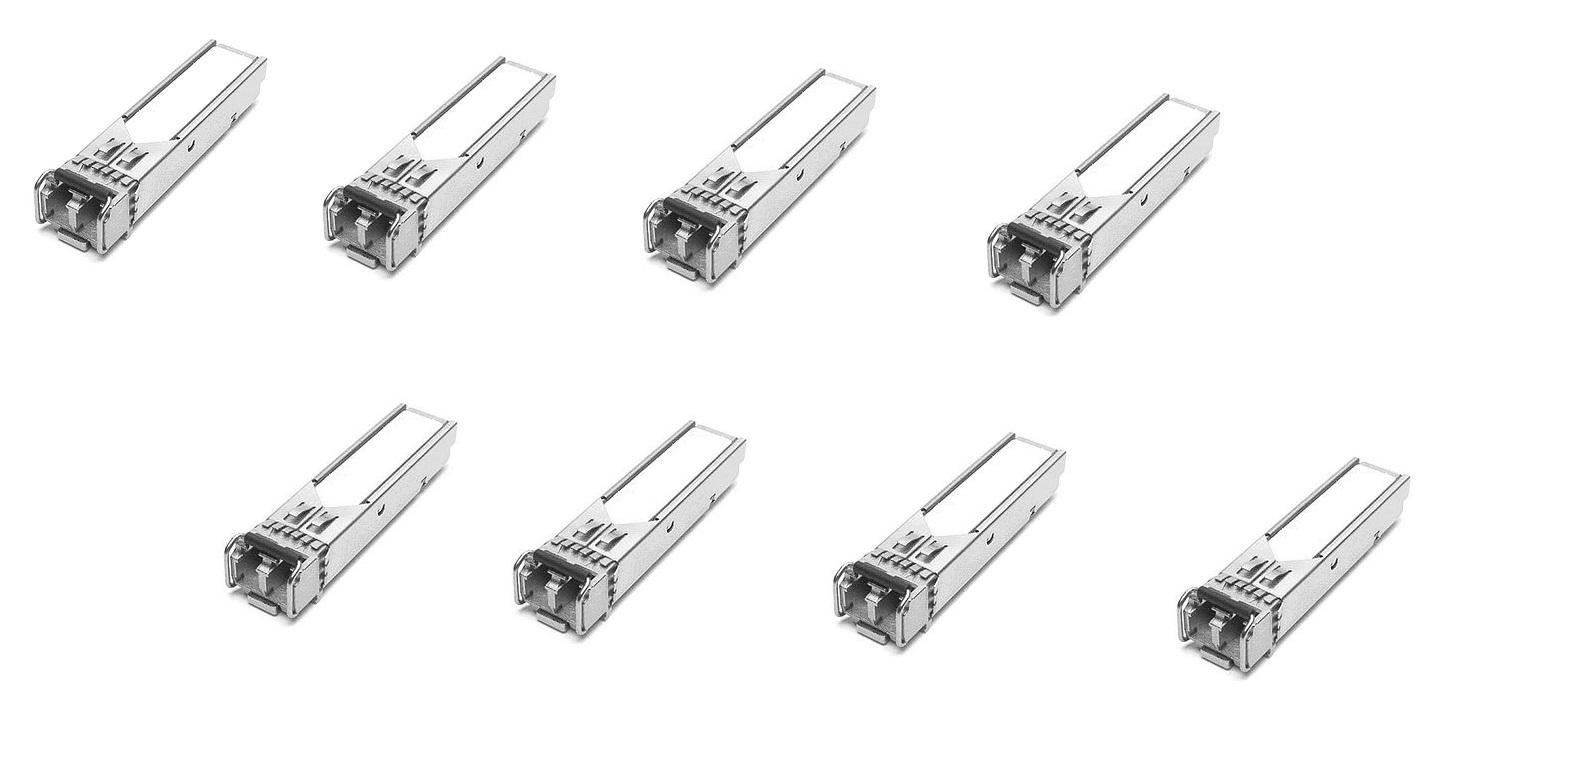 Brocade 1000Base-SX LC SFP Transceiver Pack of 8 E1MG-SX-OM-8